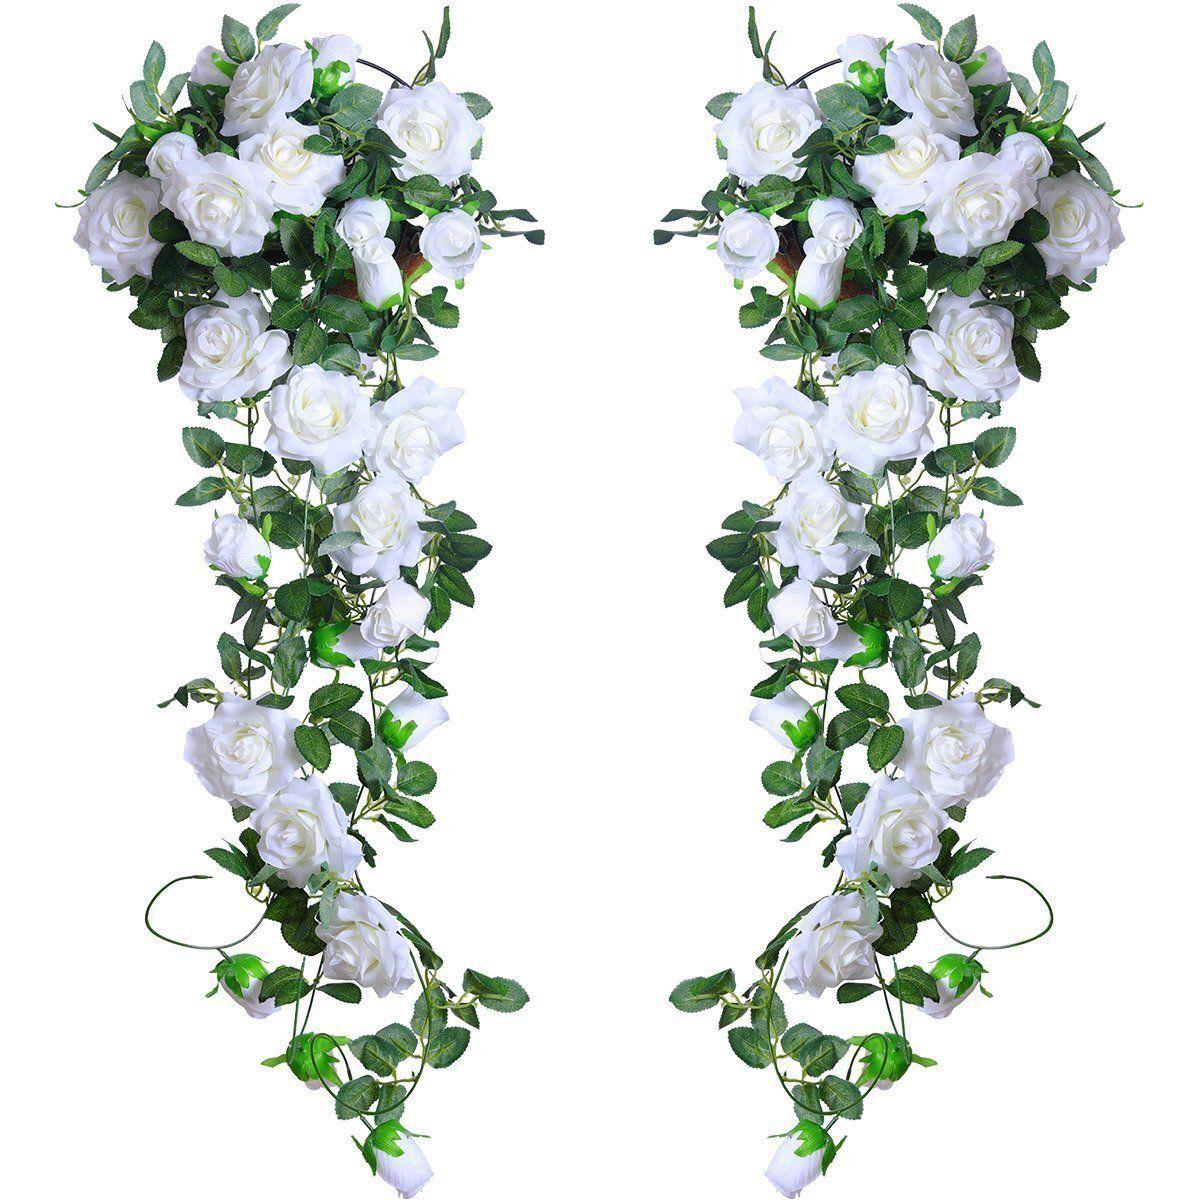 Hanging Artificial Rose Garland Silk Flower Ivy Vine Garland Wedding Home DecoNA 3